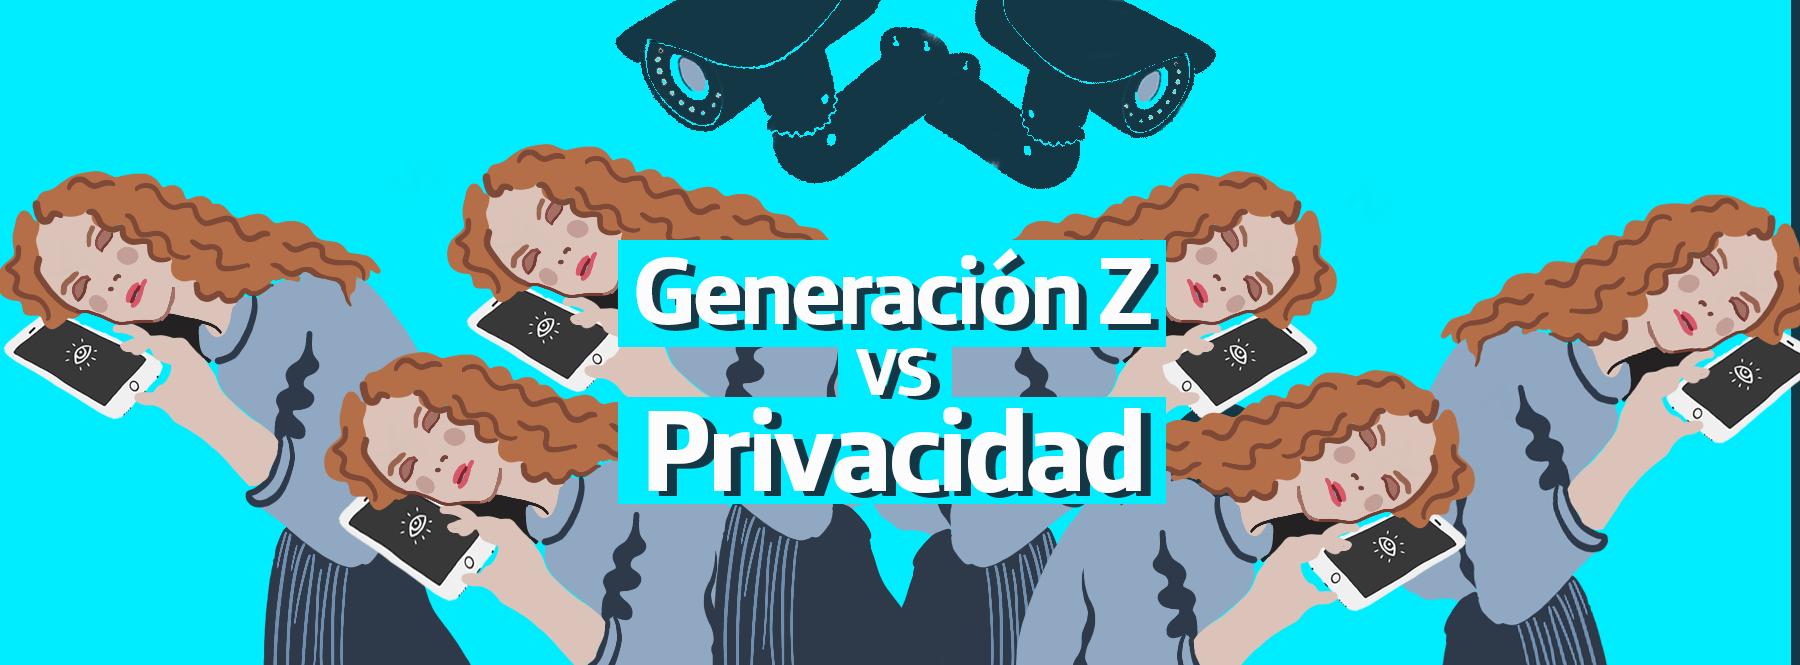 La generación Z y privacidad digital: ¿son los jóvenes cada vez más conscientes?